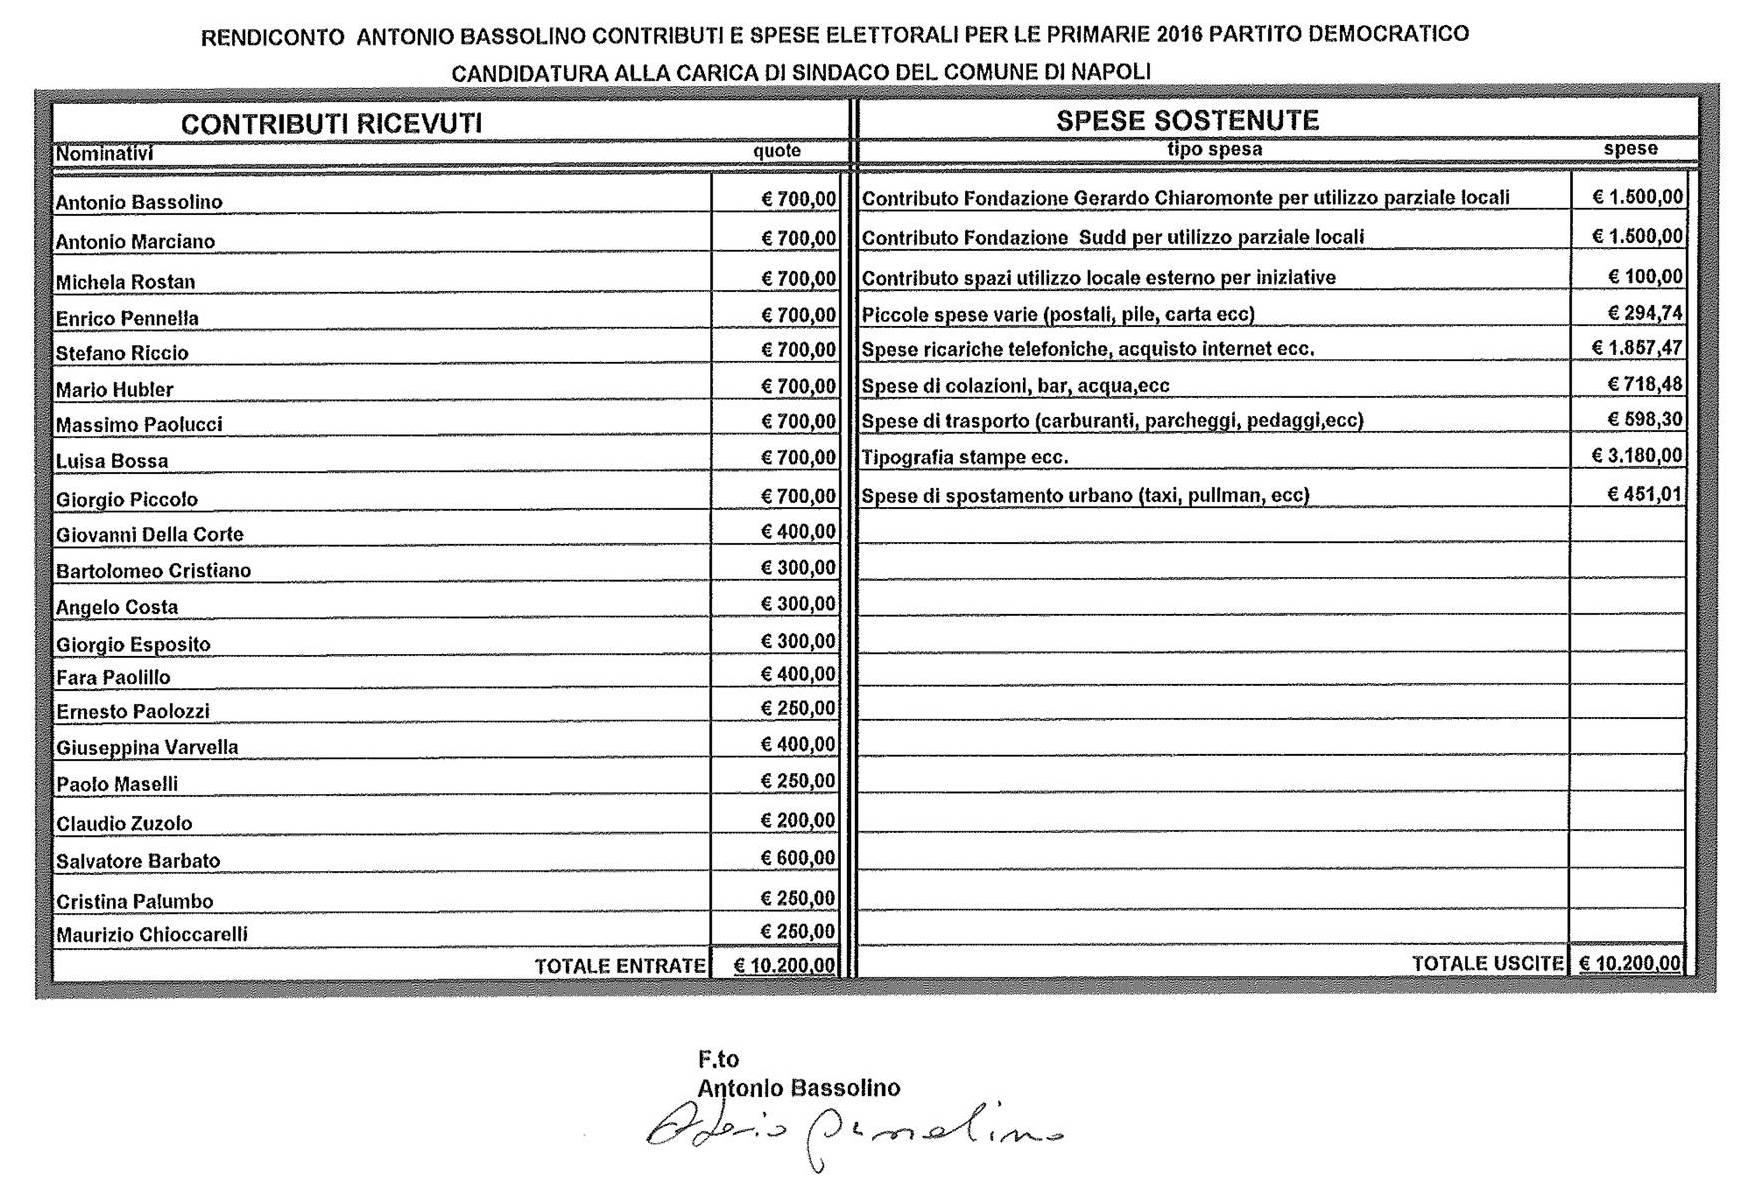 Spese primarie